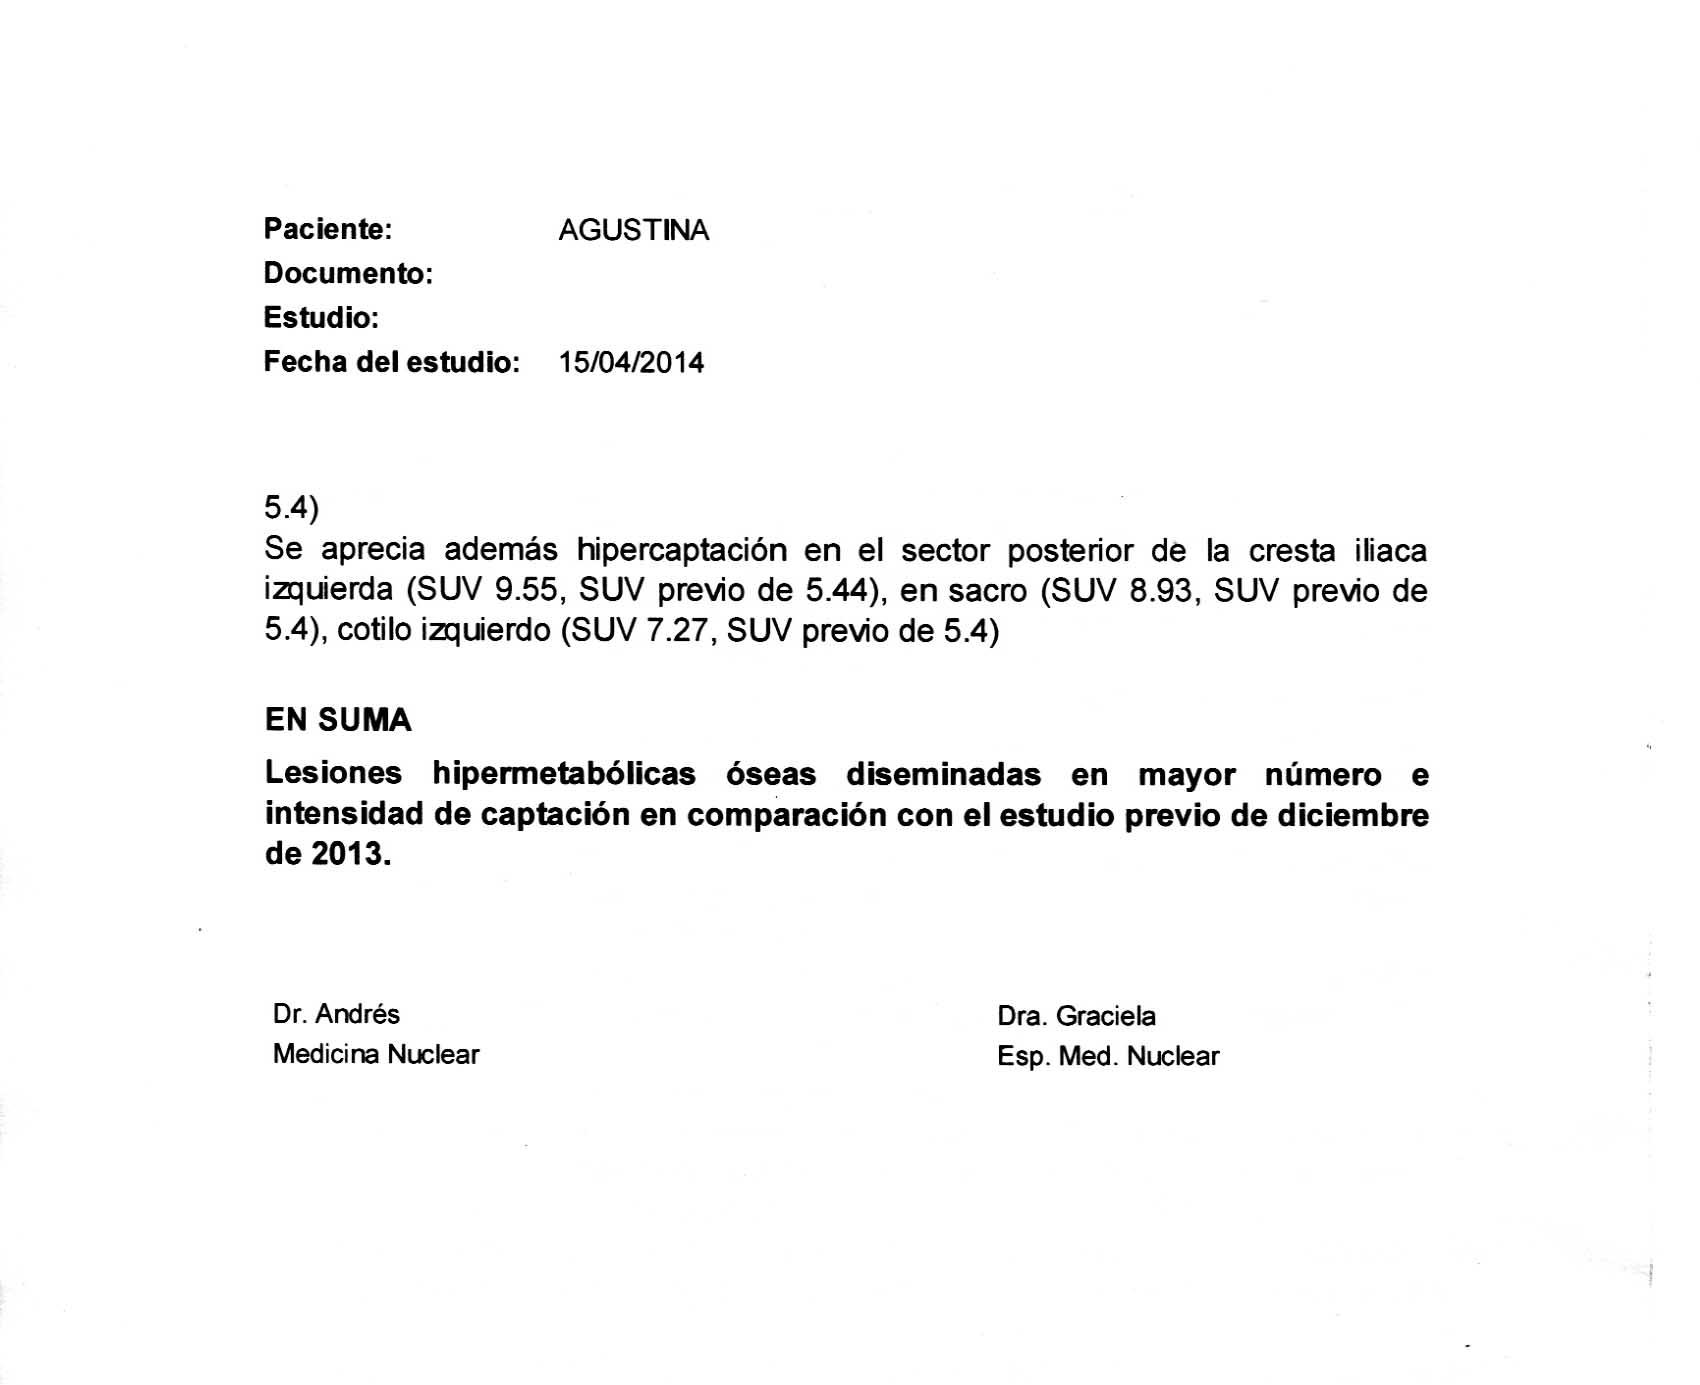 LifEscozul® - Agustina 9 - Cáncer de Mámas